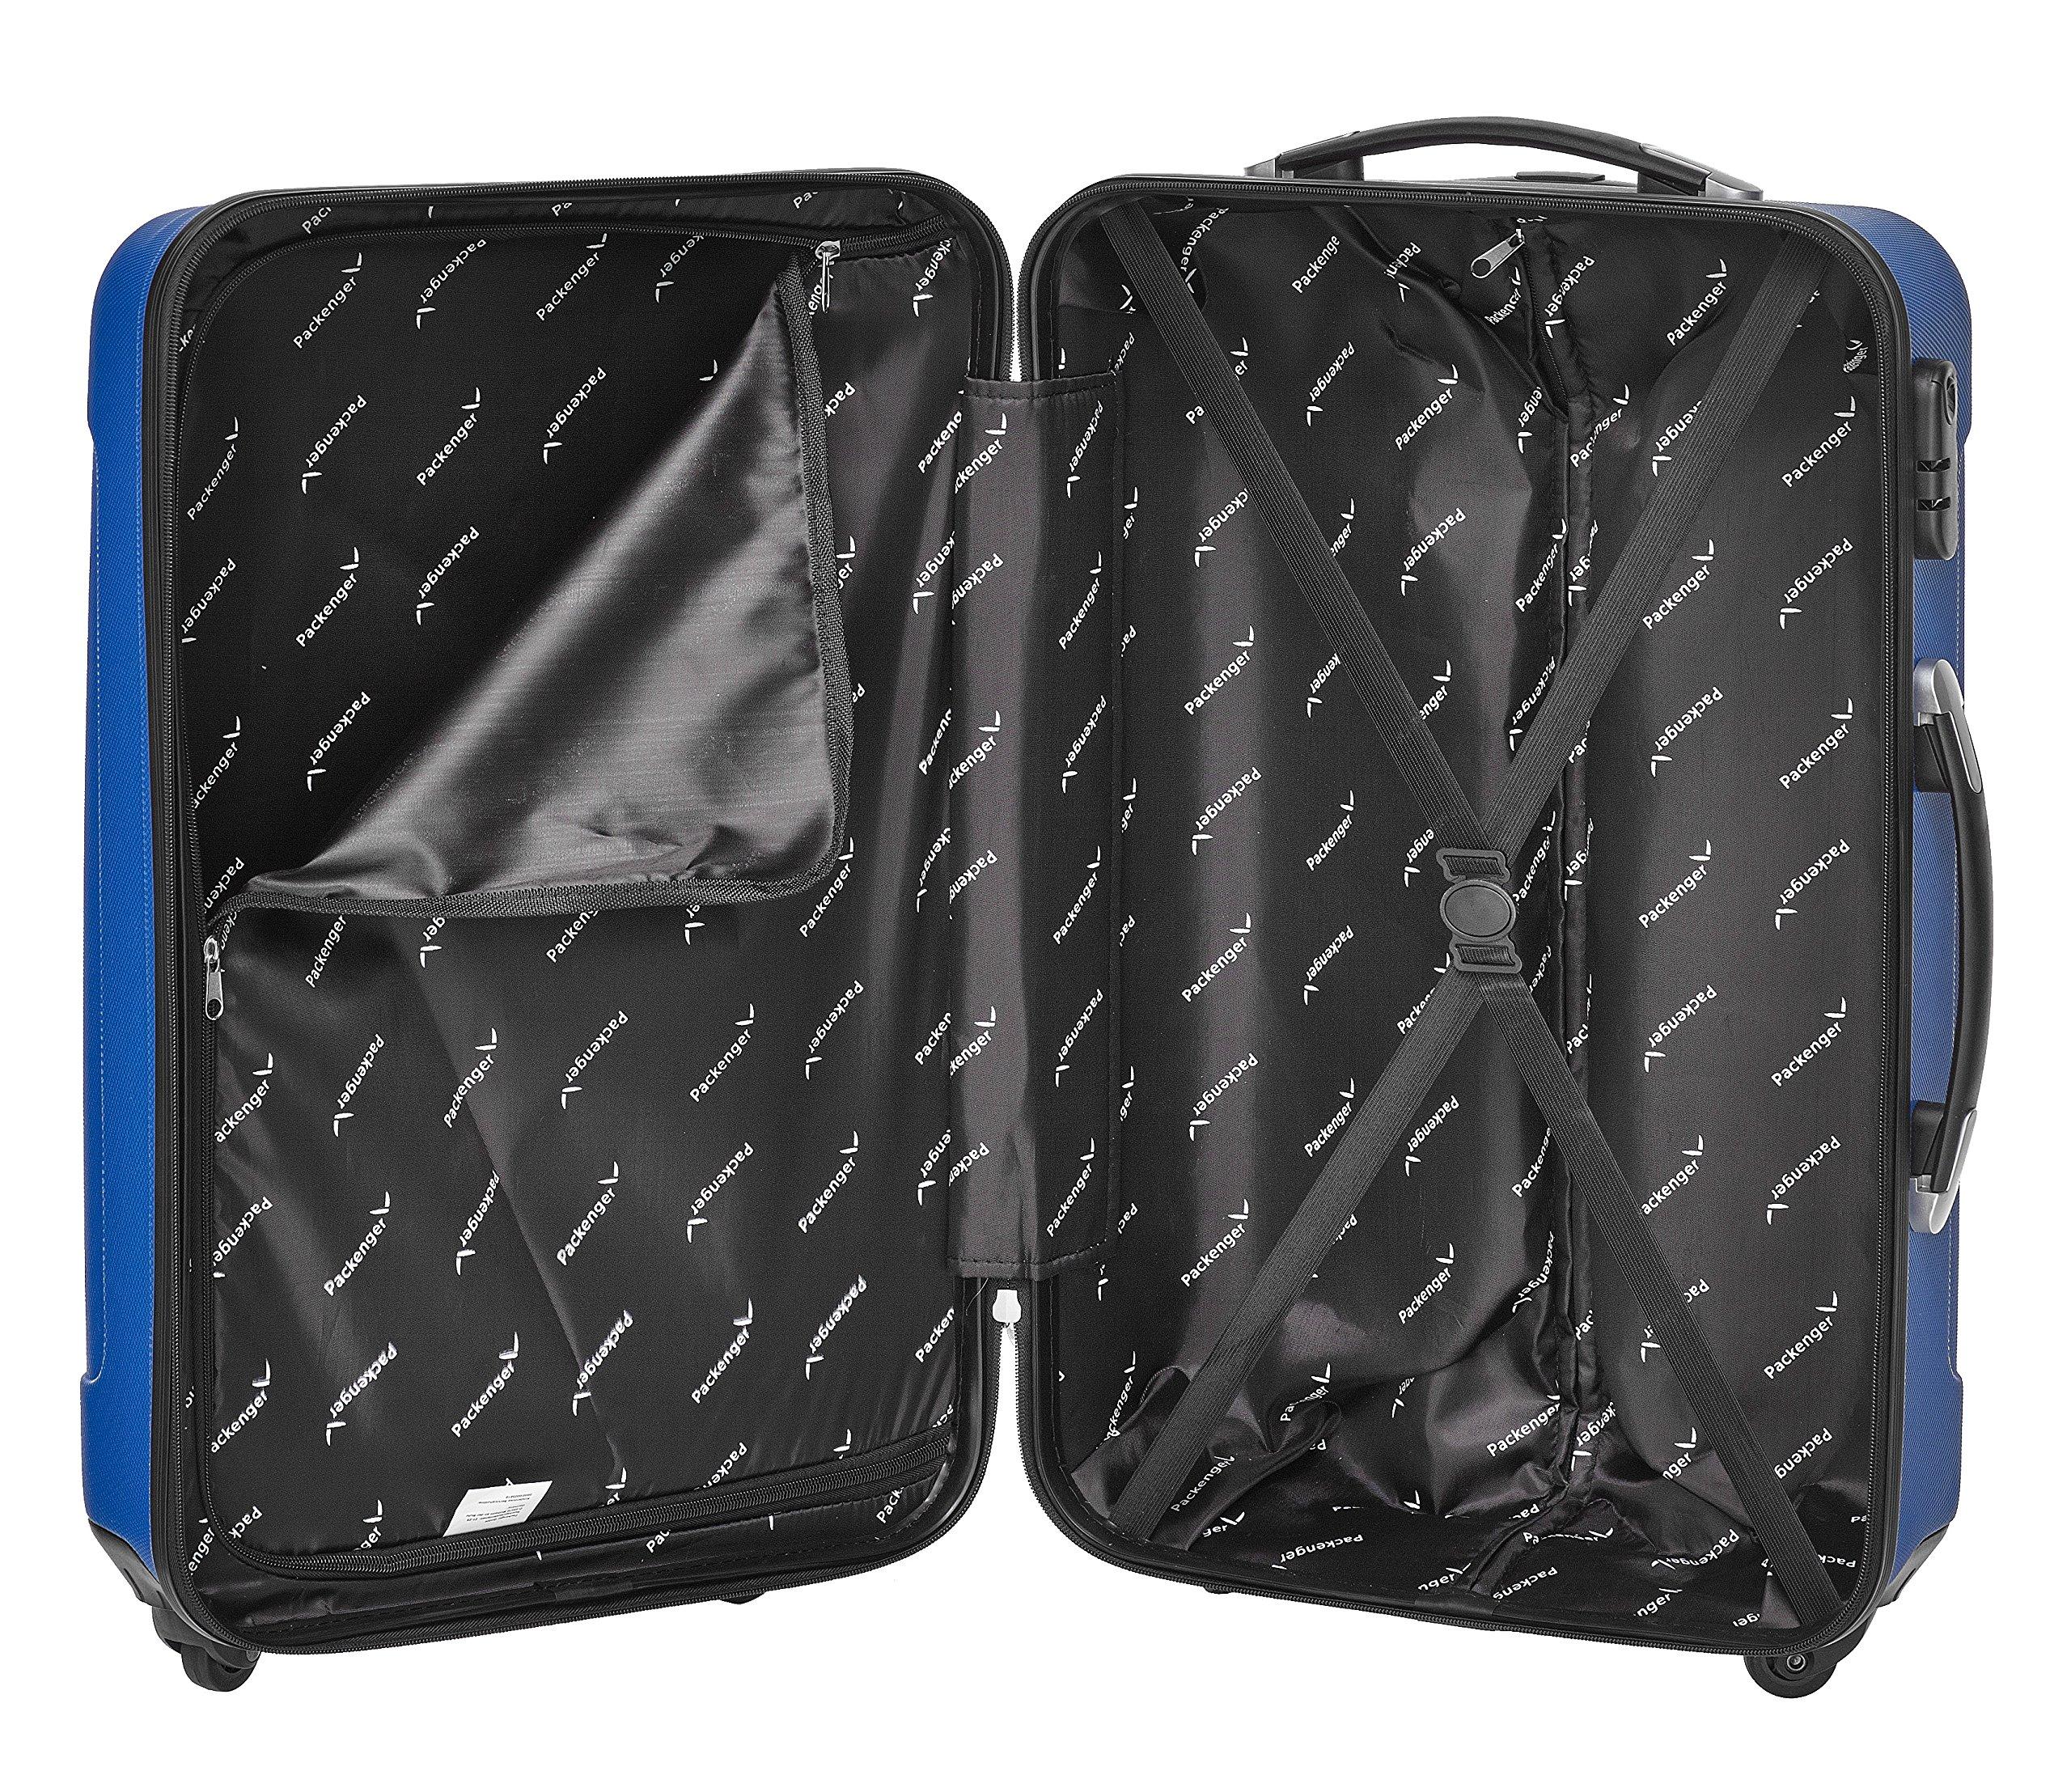 Packenger-Kofferset-Torreto-3-teilig-M-L-XL-4-Rollen-Koffer-mit-Zahlenschloss-Hartschalenkoffer-ABS-robuster-Trolley-Reisekoffer